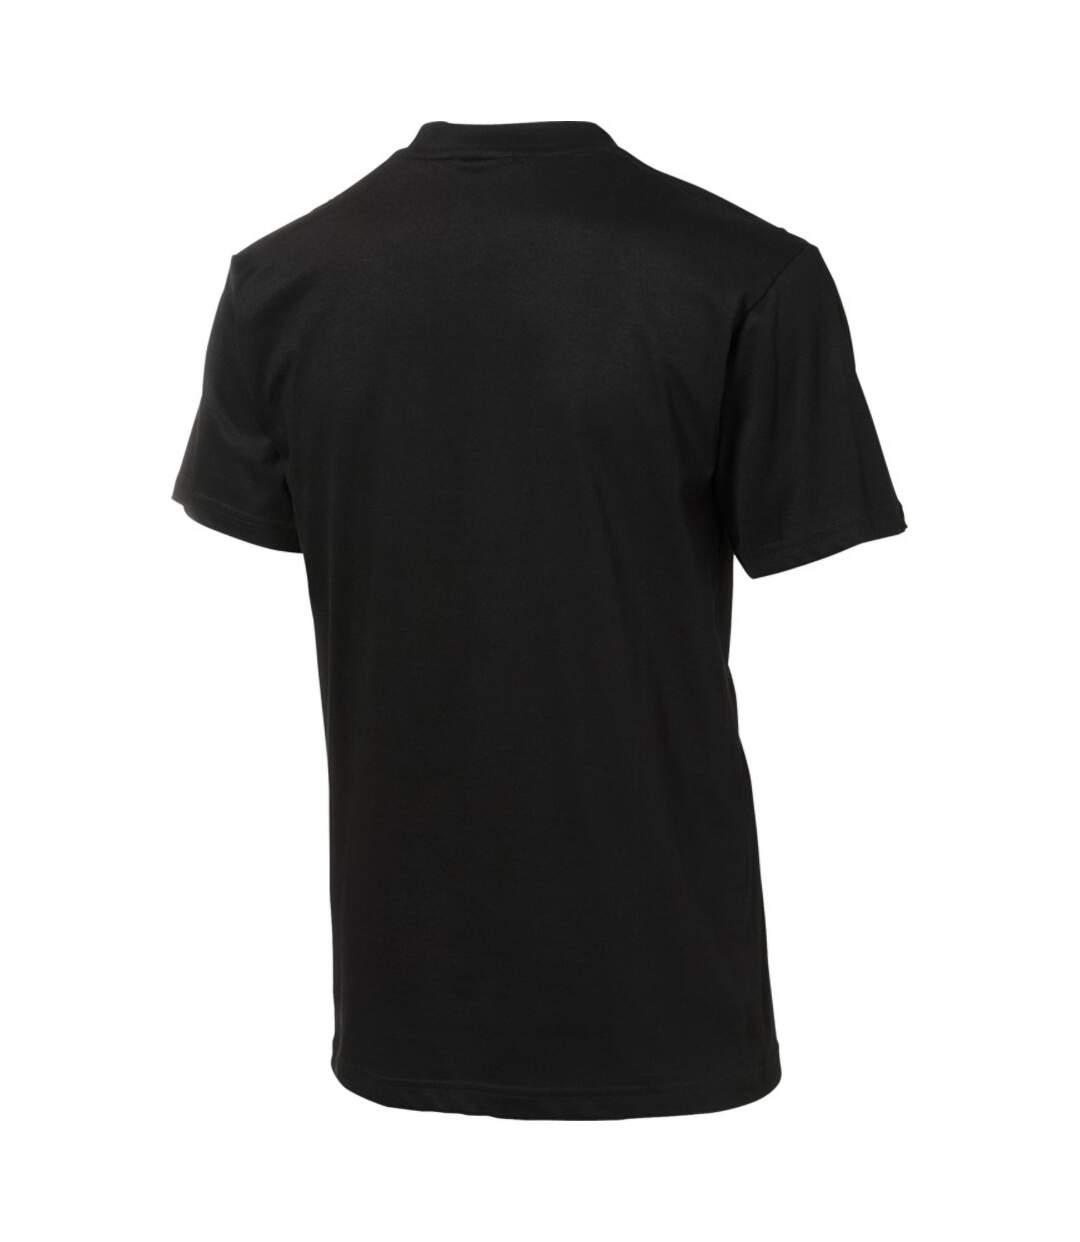 Slazenger Mens Ace Short Sleeve T-Shirt (Solid Black) - UTPF1802